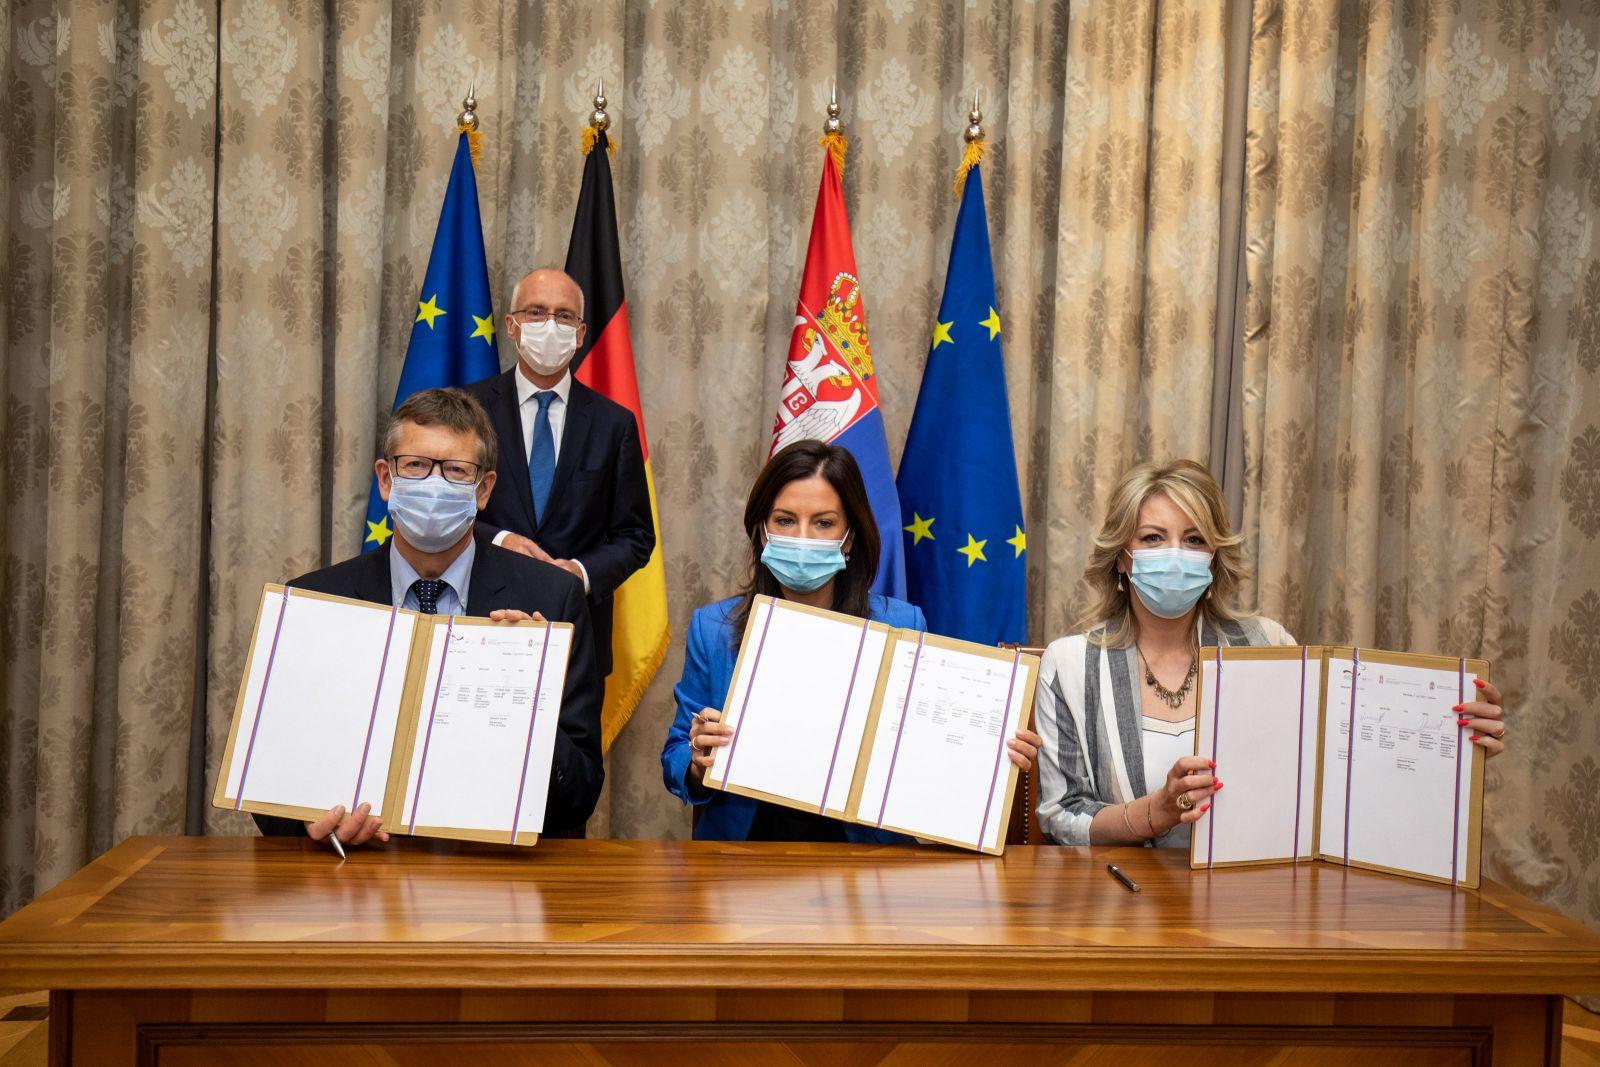 Nemačka daje četiri miliona evra za reformu javne uprave